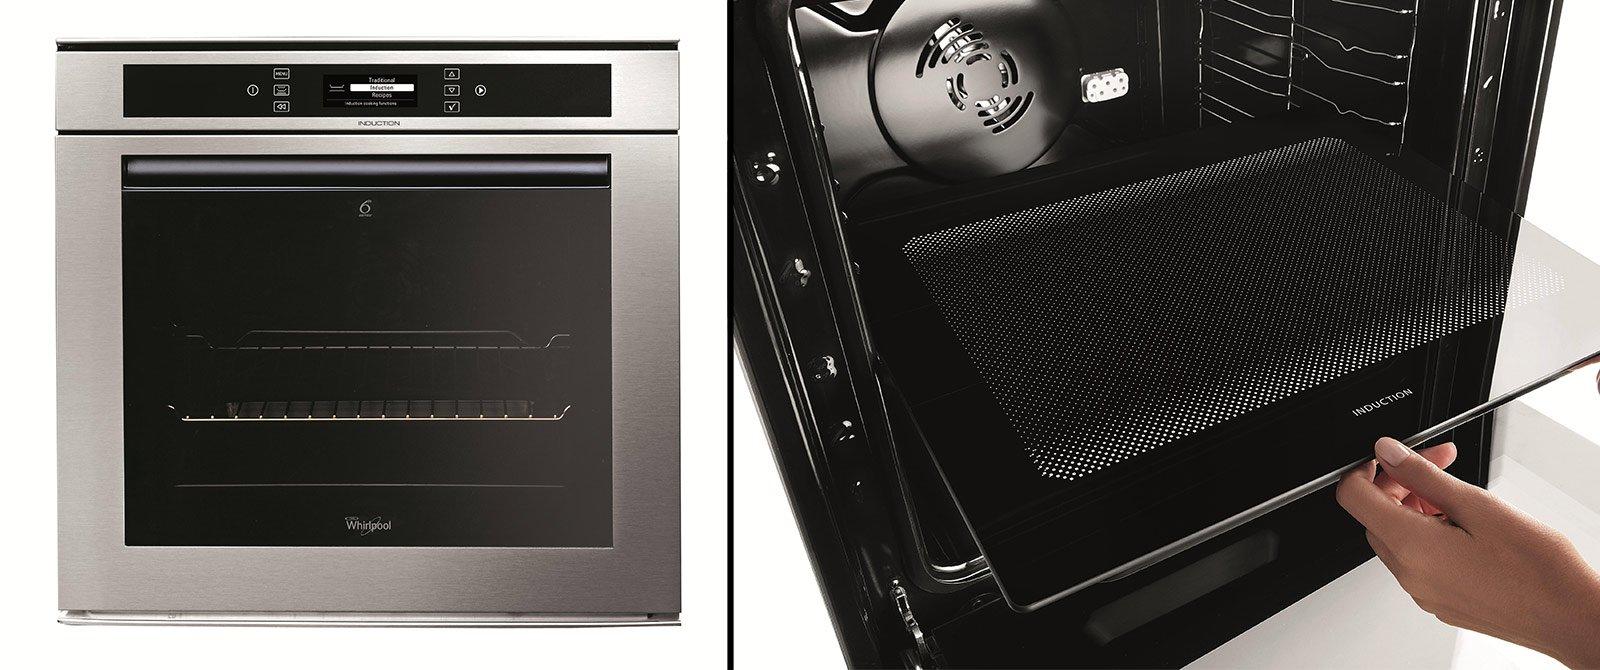 I saloni 2014 in cucina lavastoviglie e forni nuovi e innovativi cose di casa - Forno a induzione consumi ...